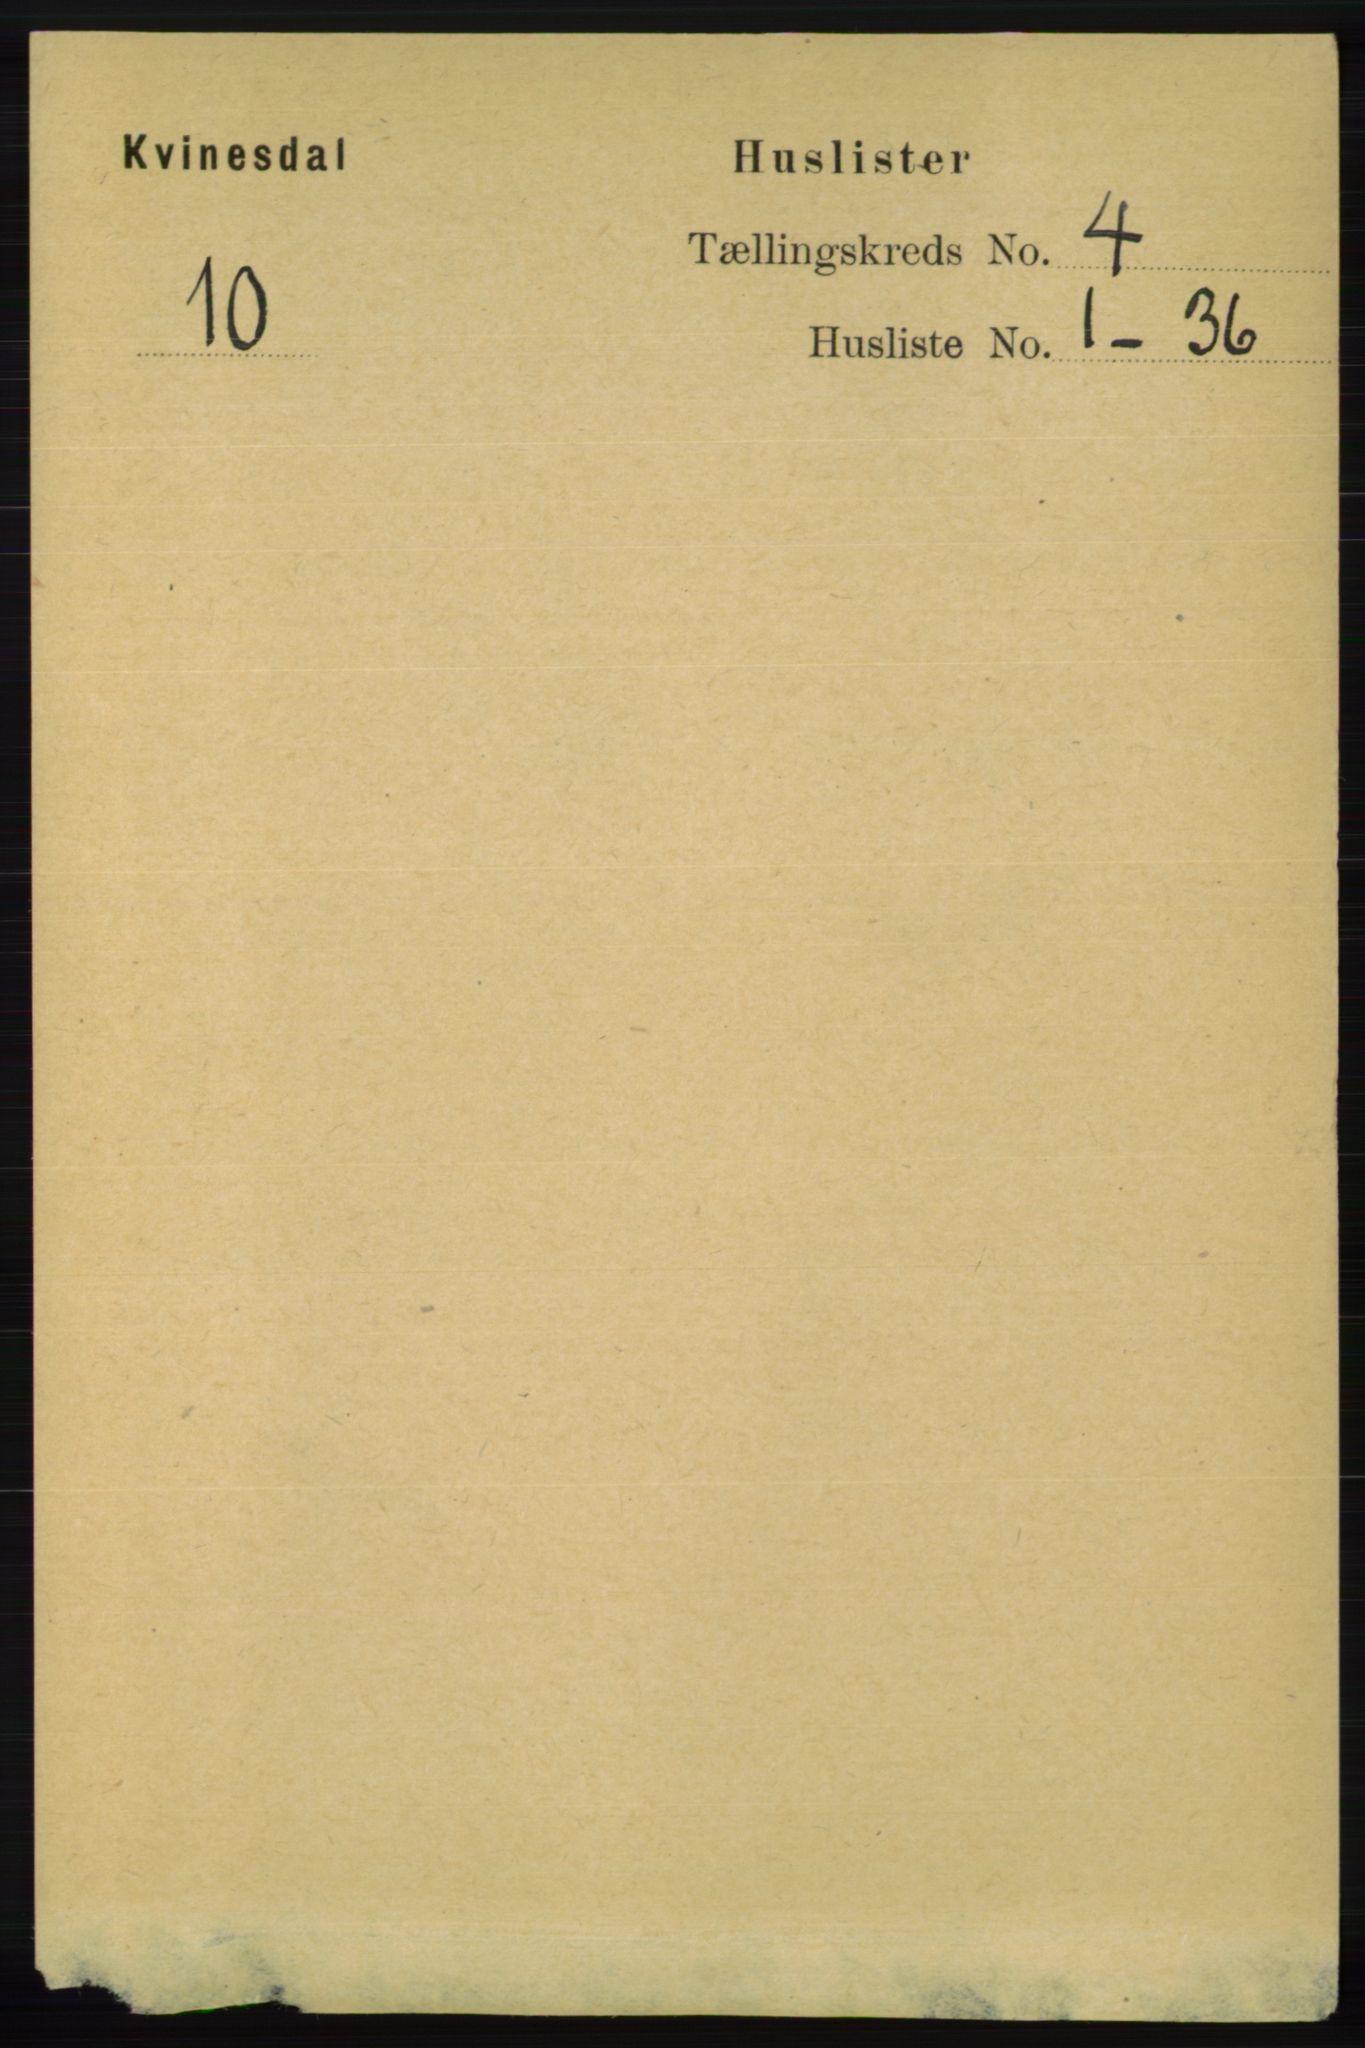 RA, Folketelling 1891 for 1037 Kvinesdal herred, 1891, s. 1393